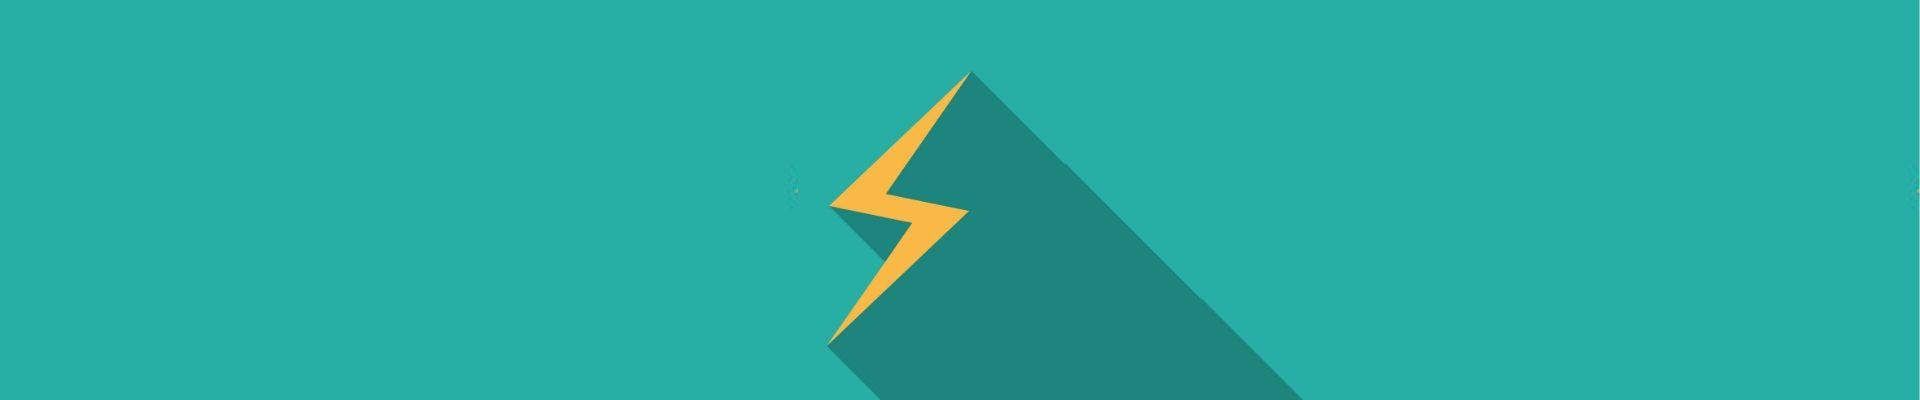 La puissance électrique